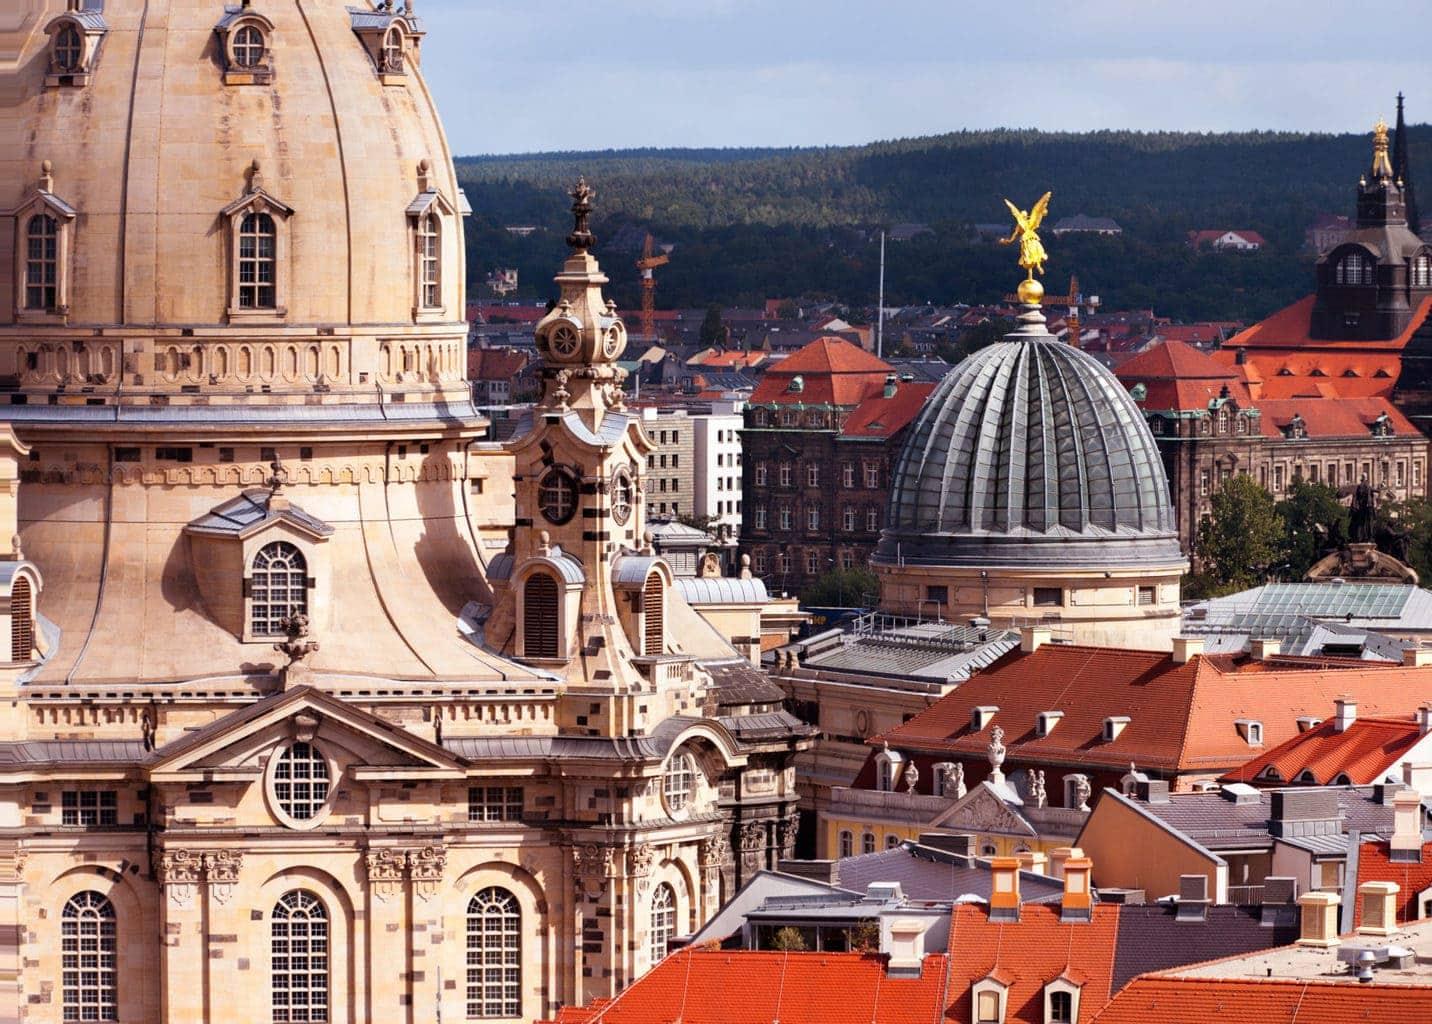 De Frauenkirche in Dresden is na de oorlog volledig weder opgebouwd